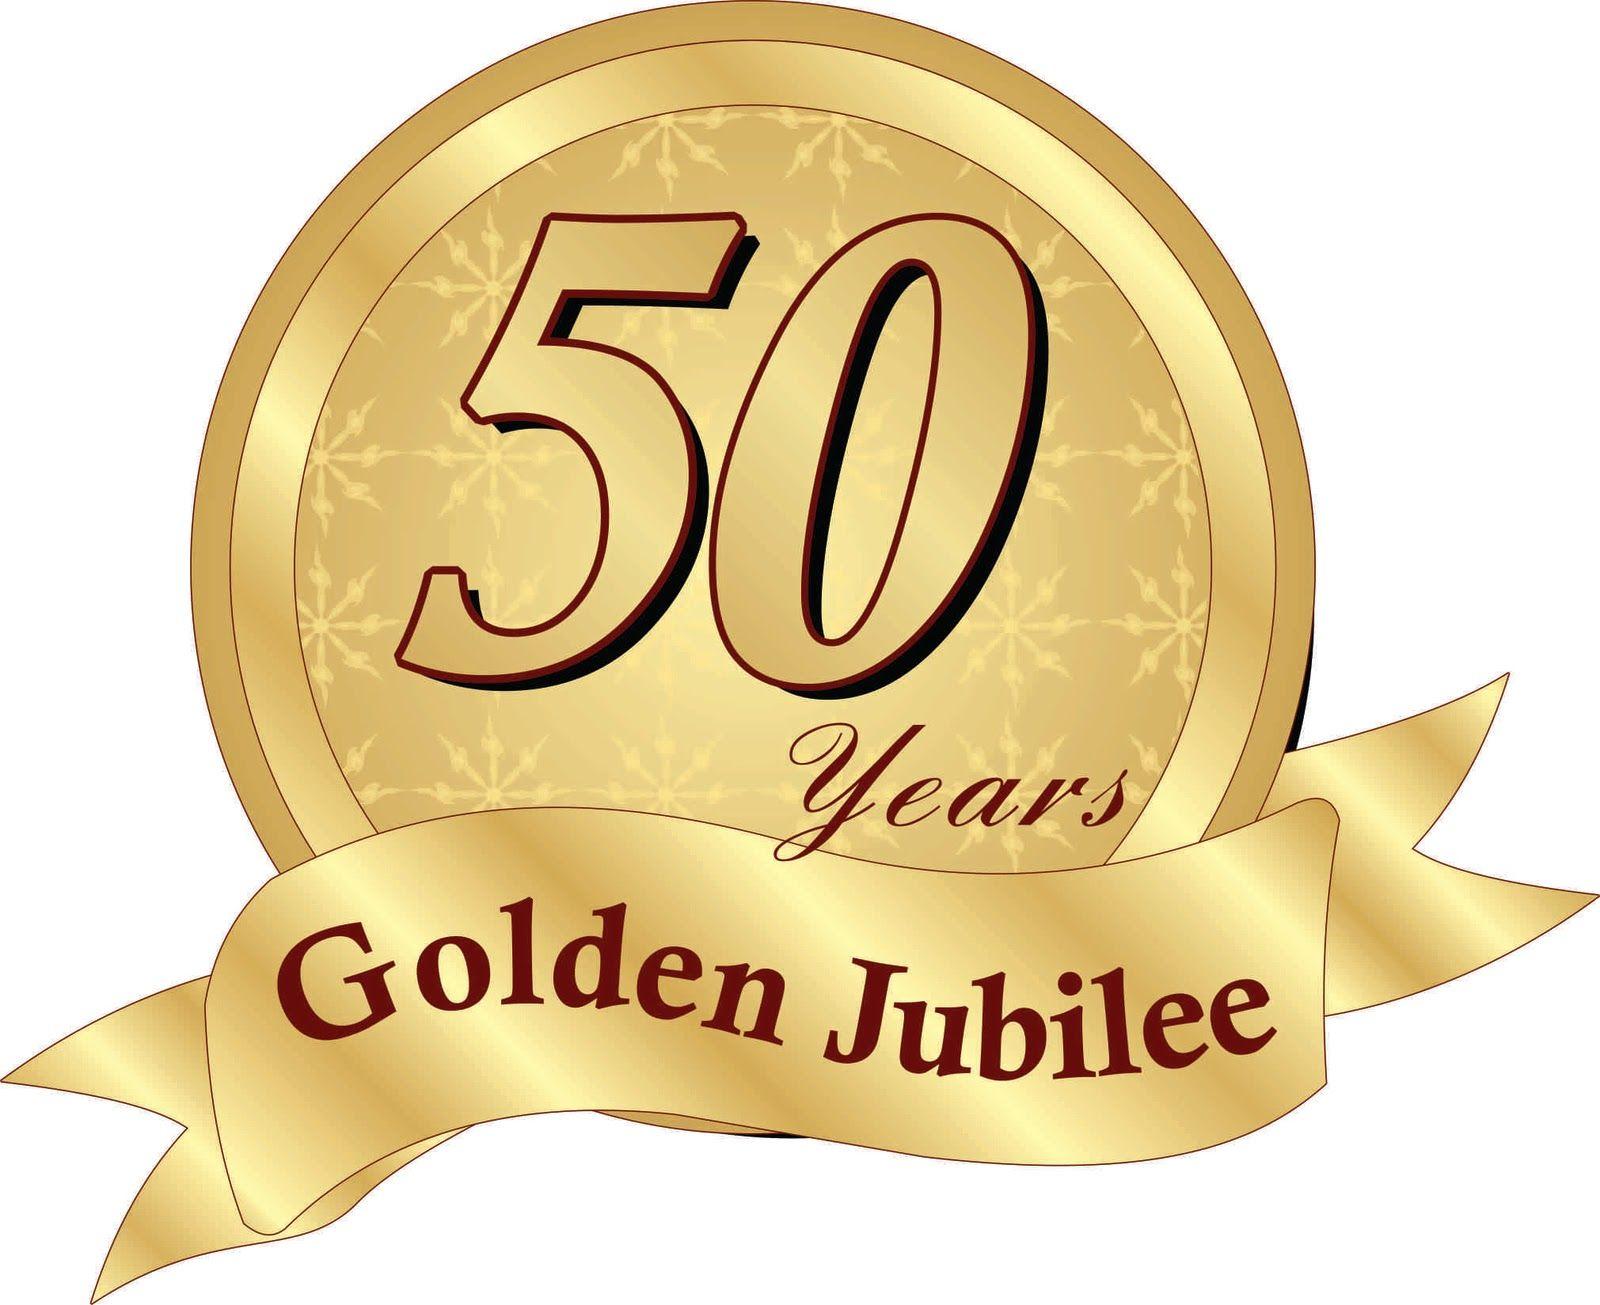 golden jubilee celebration ideas.